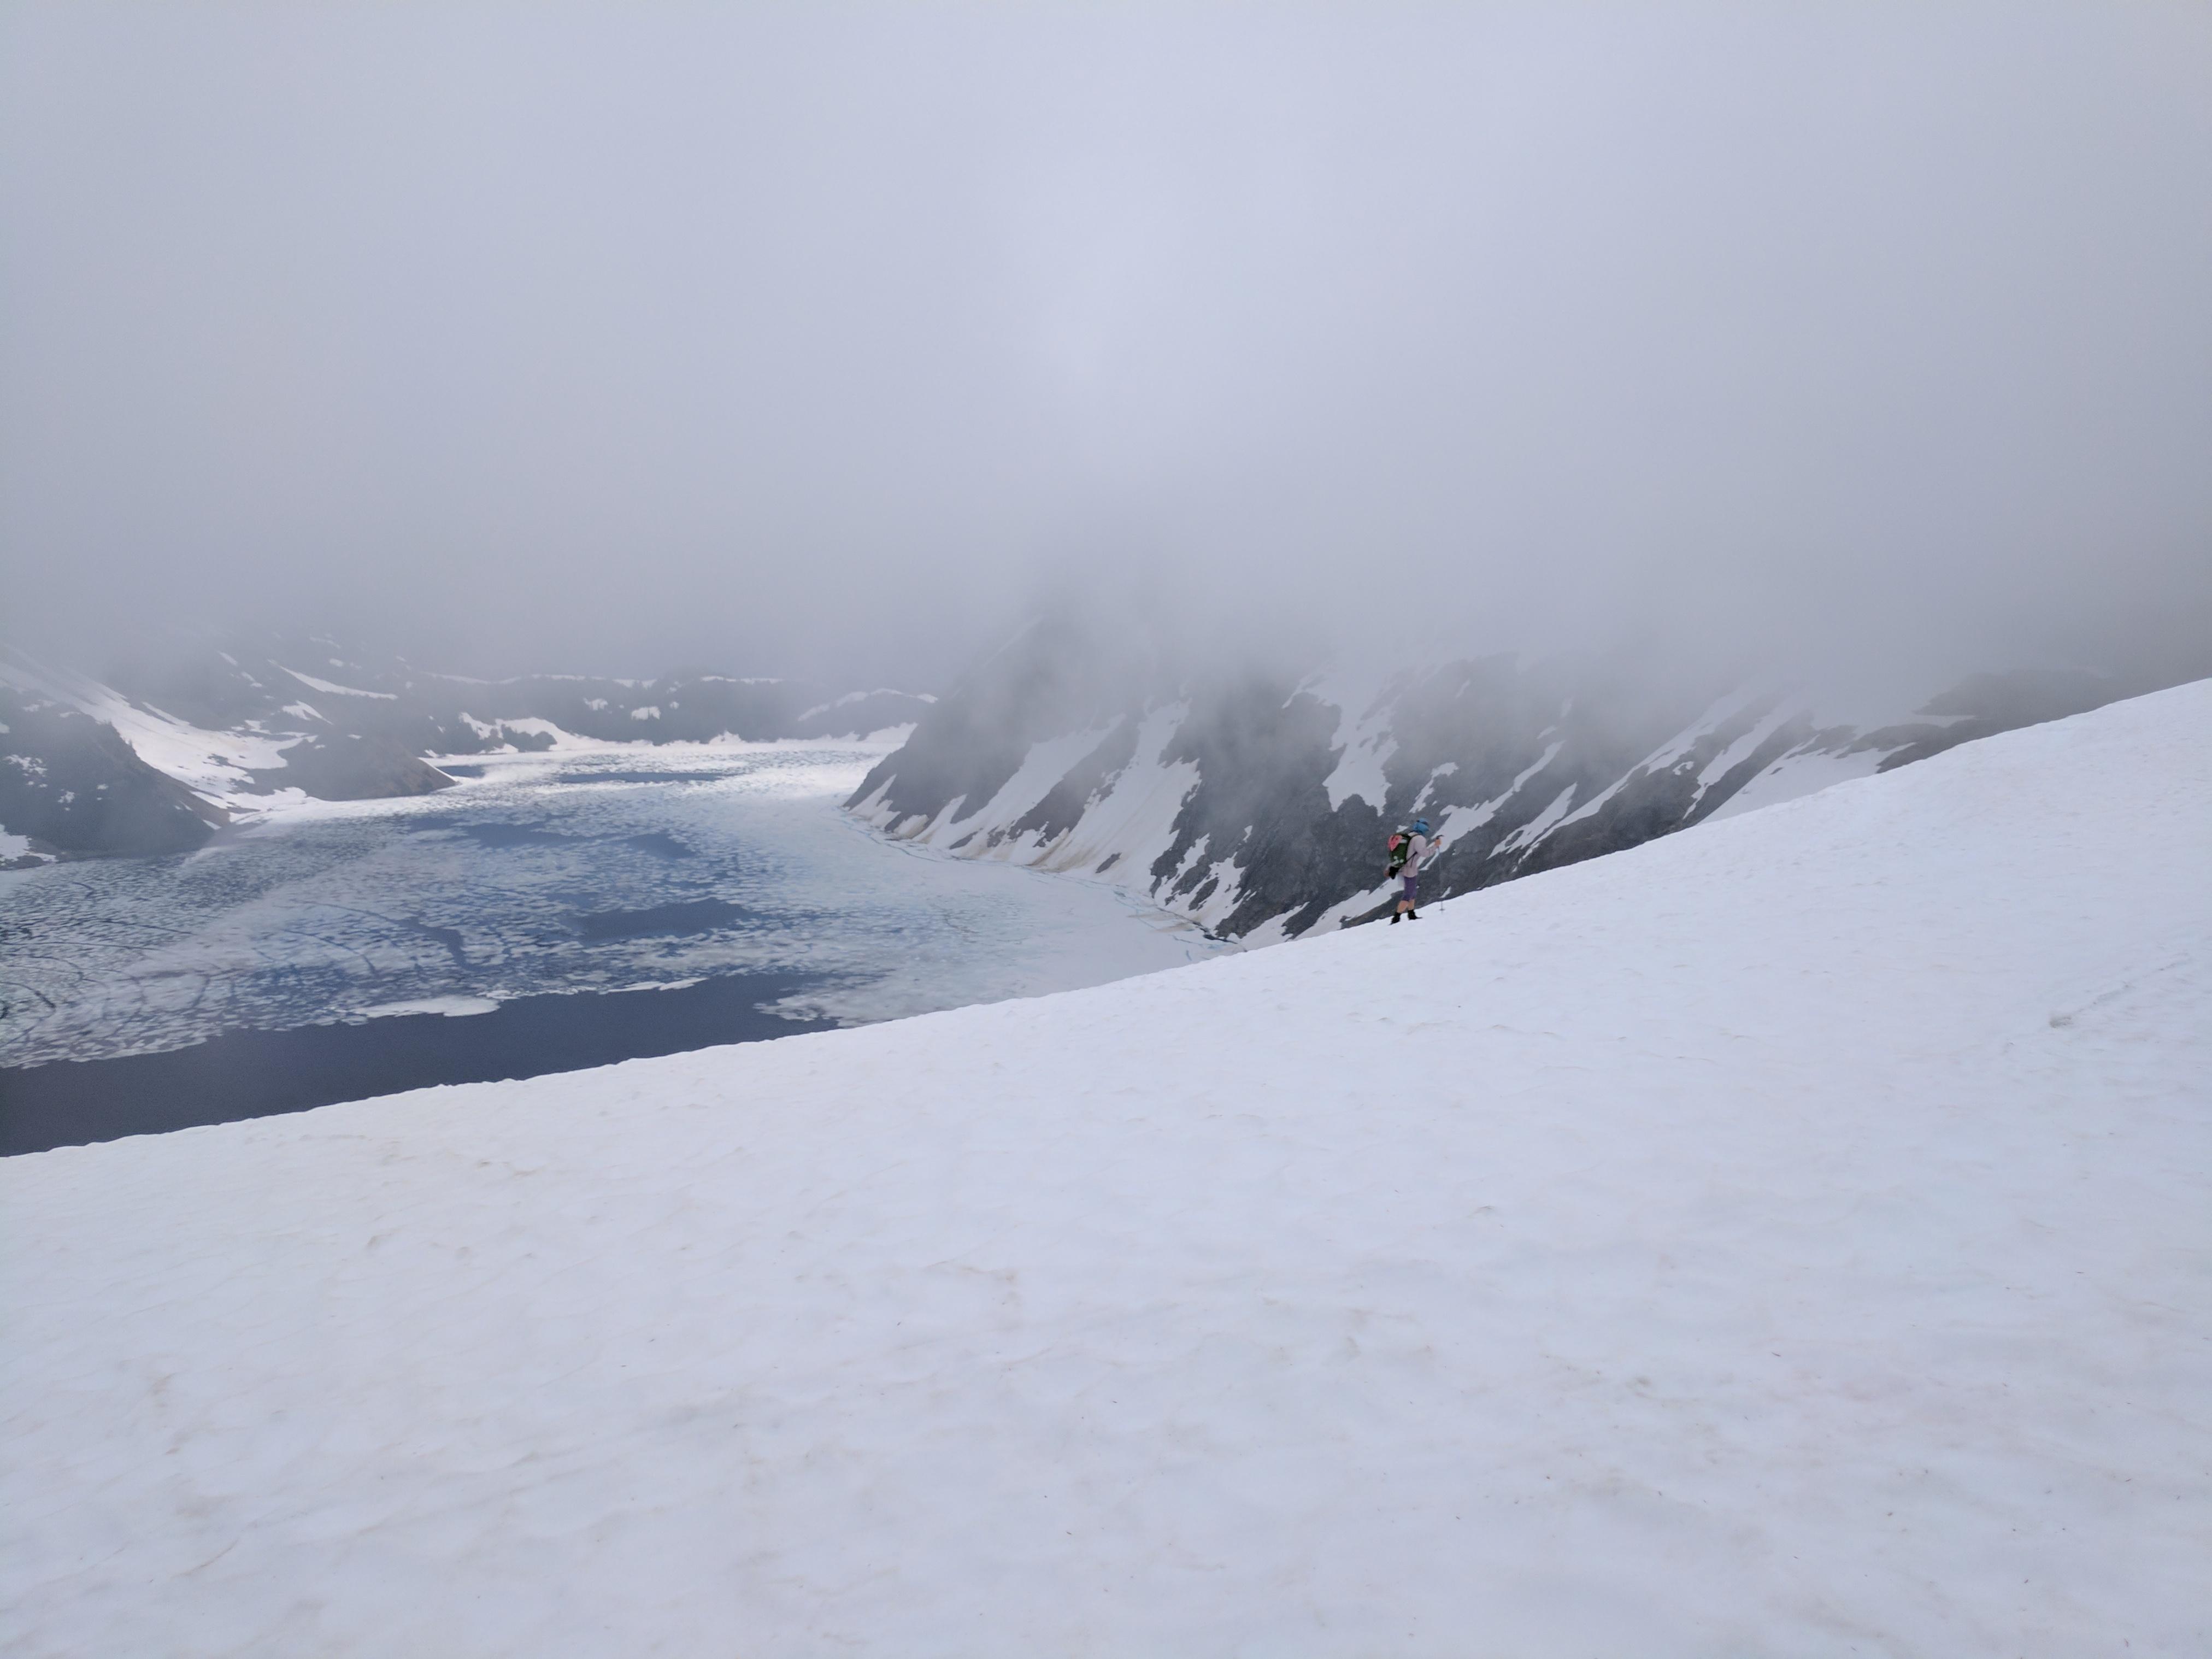 Lena over Tundra